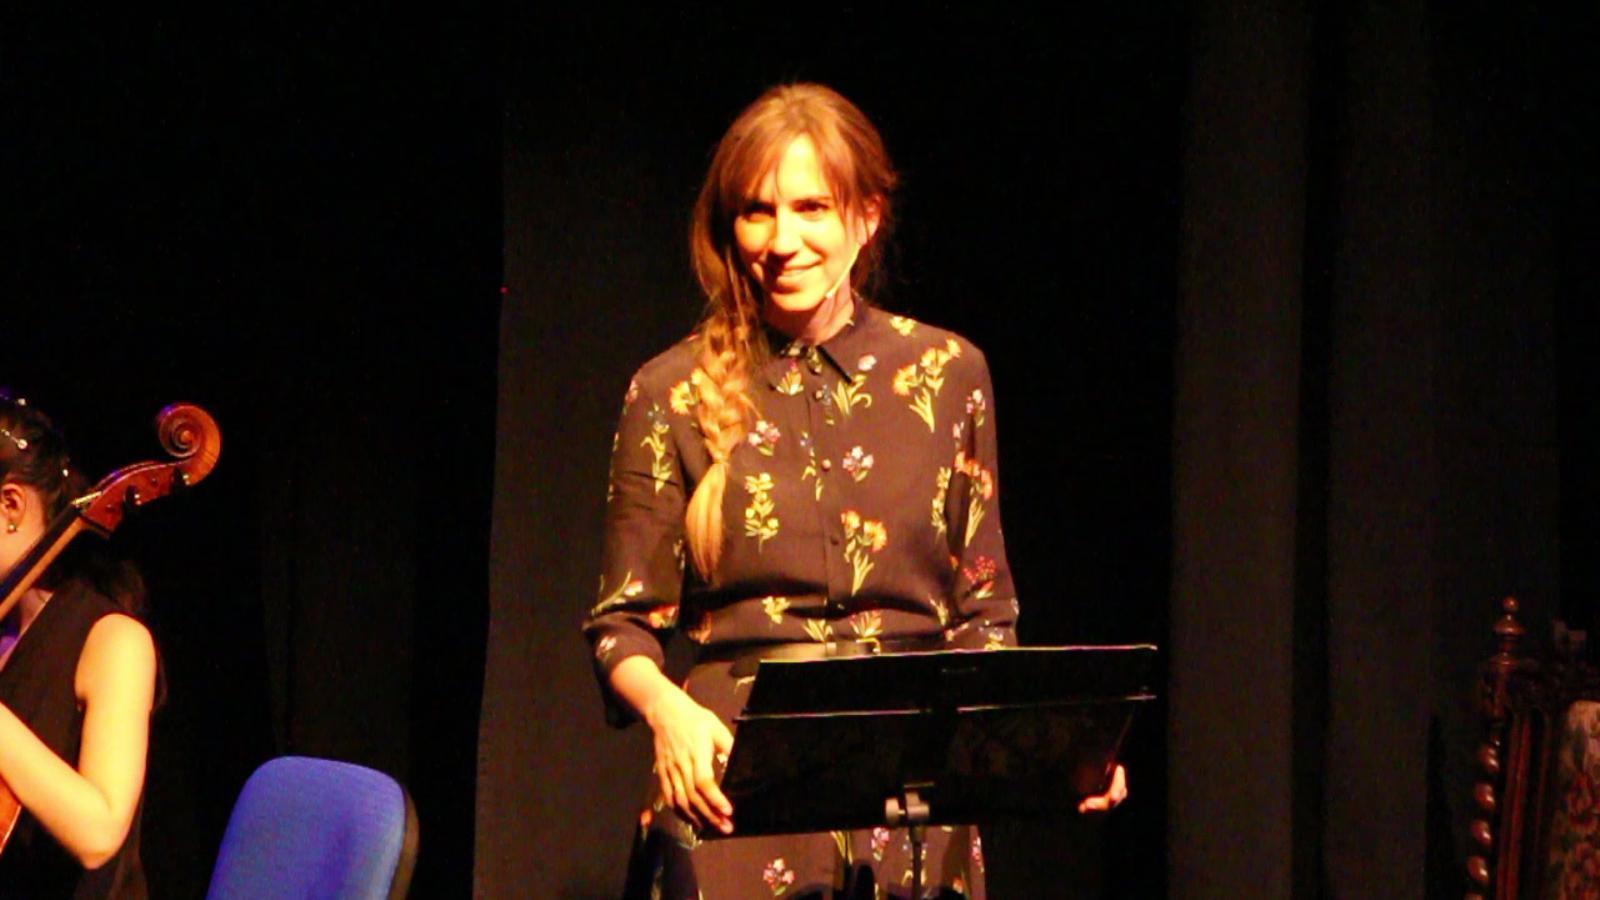 L'actriu catalana, Aina Clotet, en un moment del relat. / L. M. (ANA)